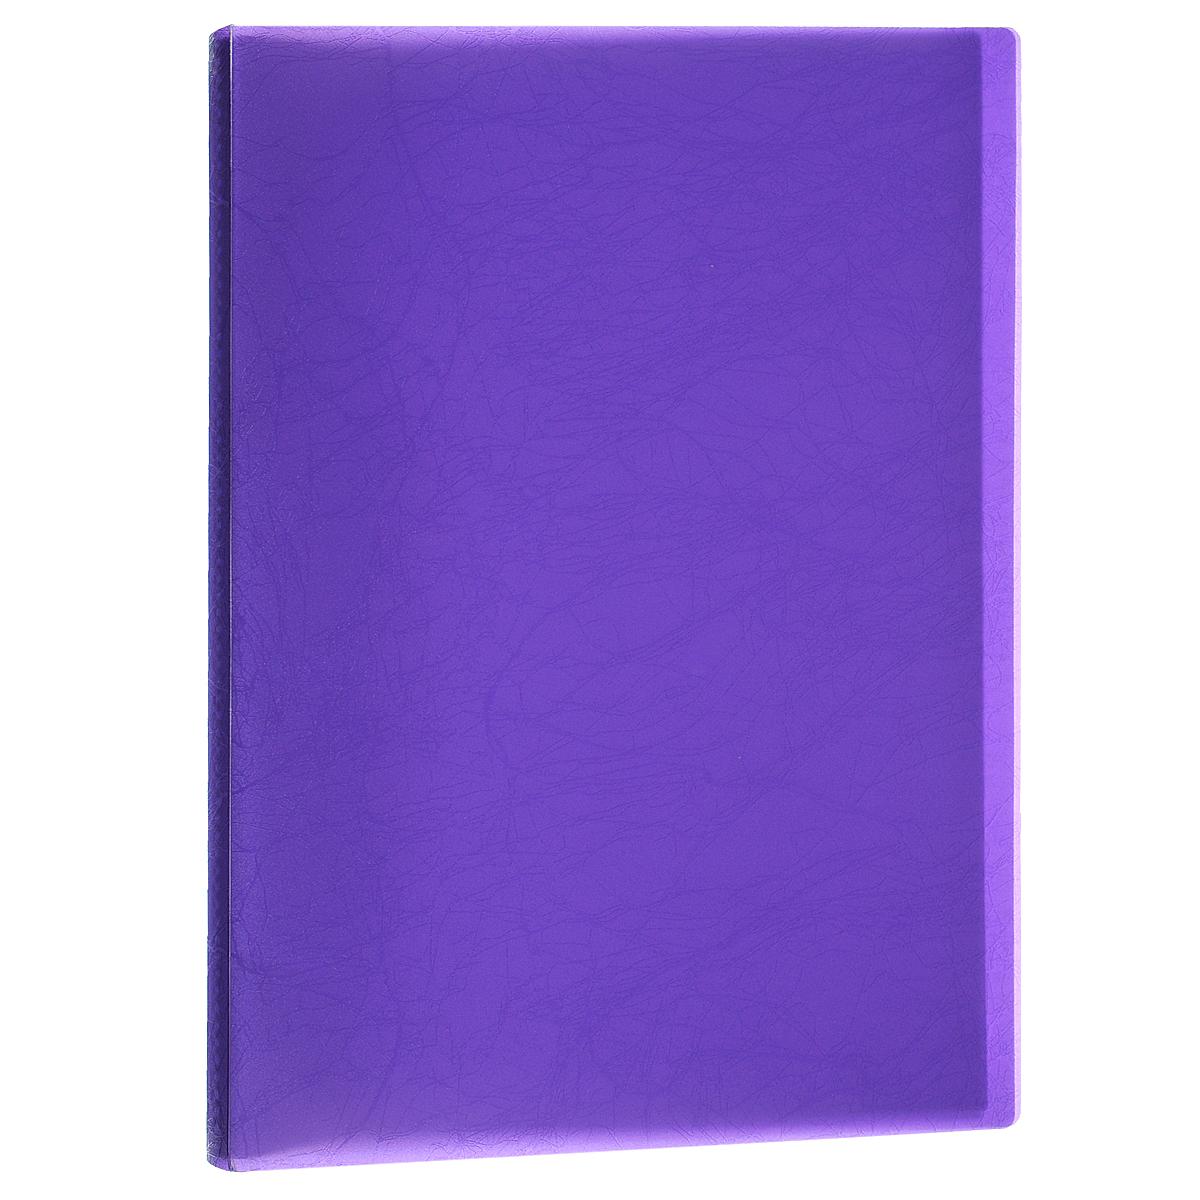 Папка Centrum, 20 файлов, цвет: фиолетовый. Формат А484035ФПапка Centrum - это удобный и функциональный офисный инструмент, предназначенный для хранения и транспортировки рабочих бумаг и документов формата А4. Папка изготовлена из прочного высококачественного пластика и включает в себя 20 прозрачных вкладышей-файлов. Обложка папки оформлена тиснением под кожу. Папка имеет опрятный и неброский вид. Уголки папки имеют закругленную форму, что предотвращает их загибание и помогает надолго сохранить опрятный вид обложки. Папка - это незаменимый атрибут для любого студента, школьника или офисного работника. Такая папка надежно сохранит ваши бумаги и сбережет их от повреждений, пыли и влаги.